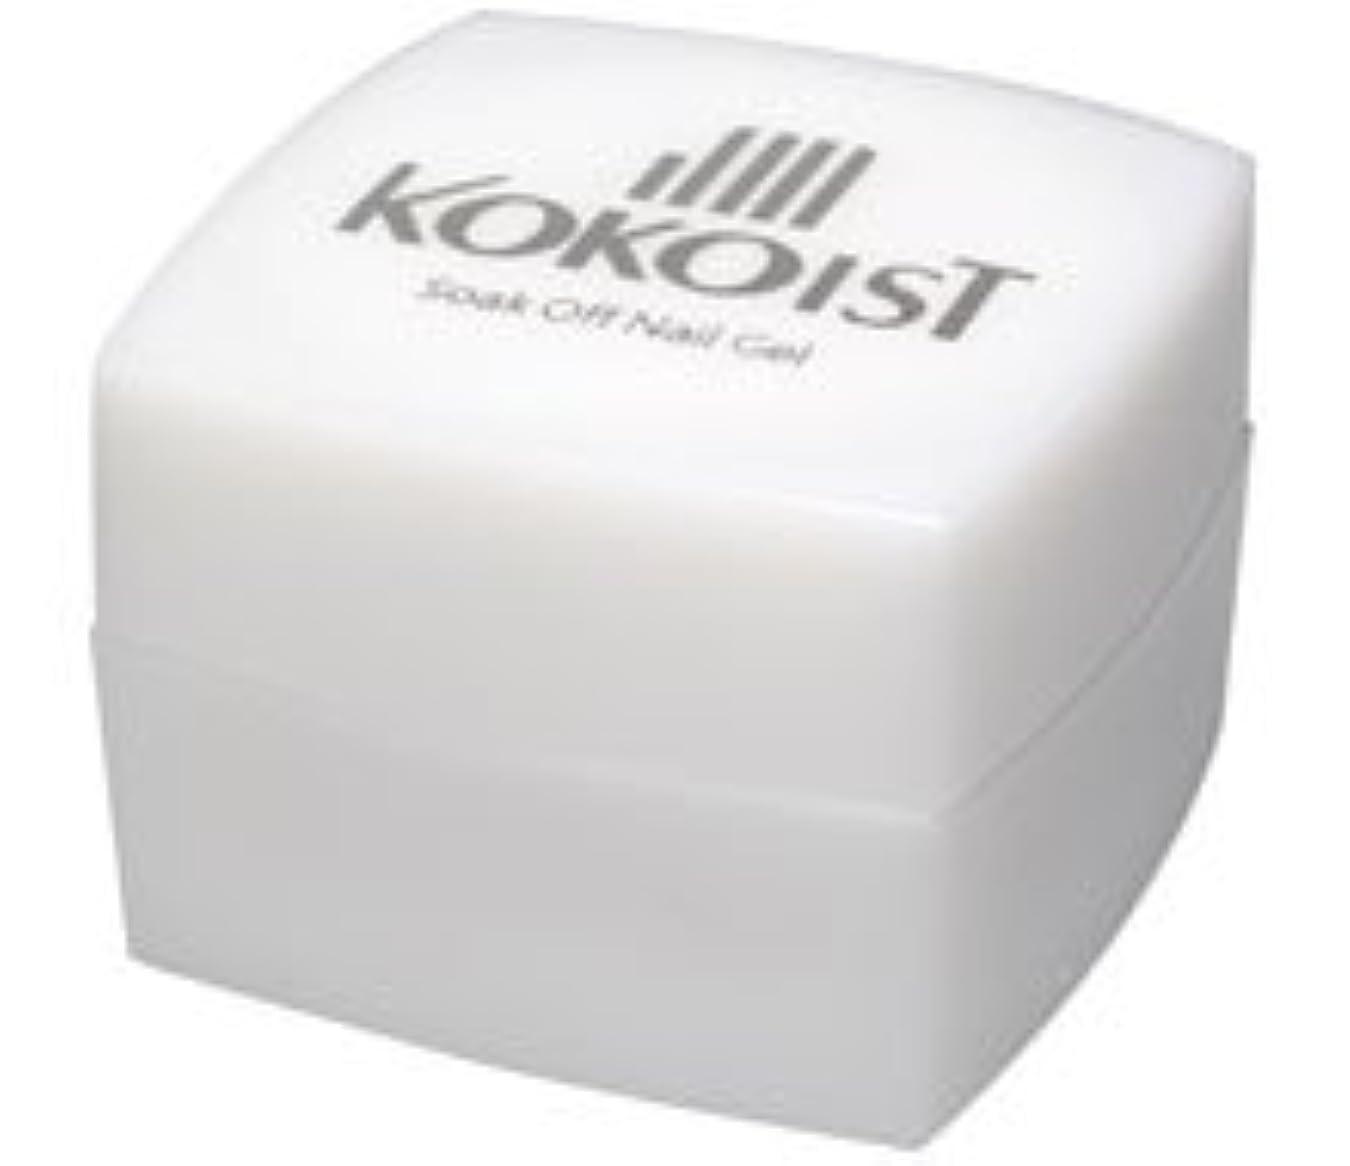 ミル下着精神的にKOKOIST(ココイスト) ソークオフ クリアジェル プラチナボンドII 4g